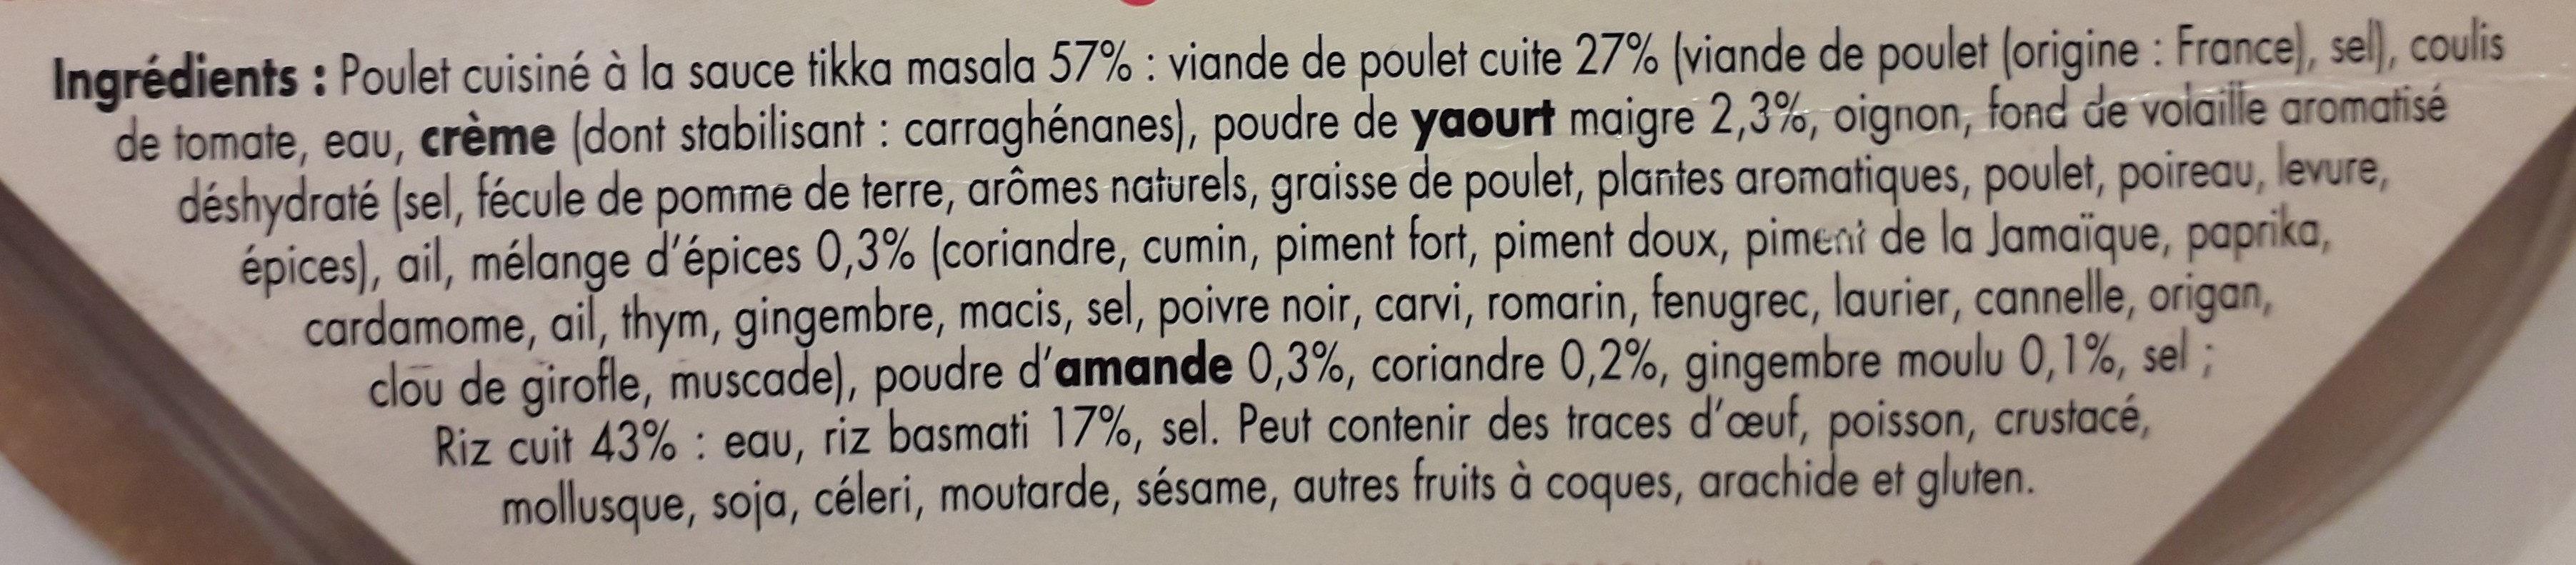 Poulet Tikka massala - Ingredients